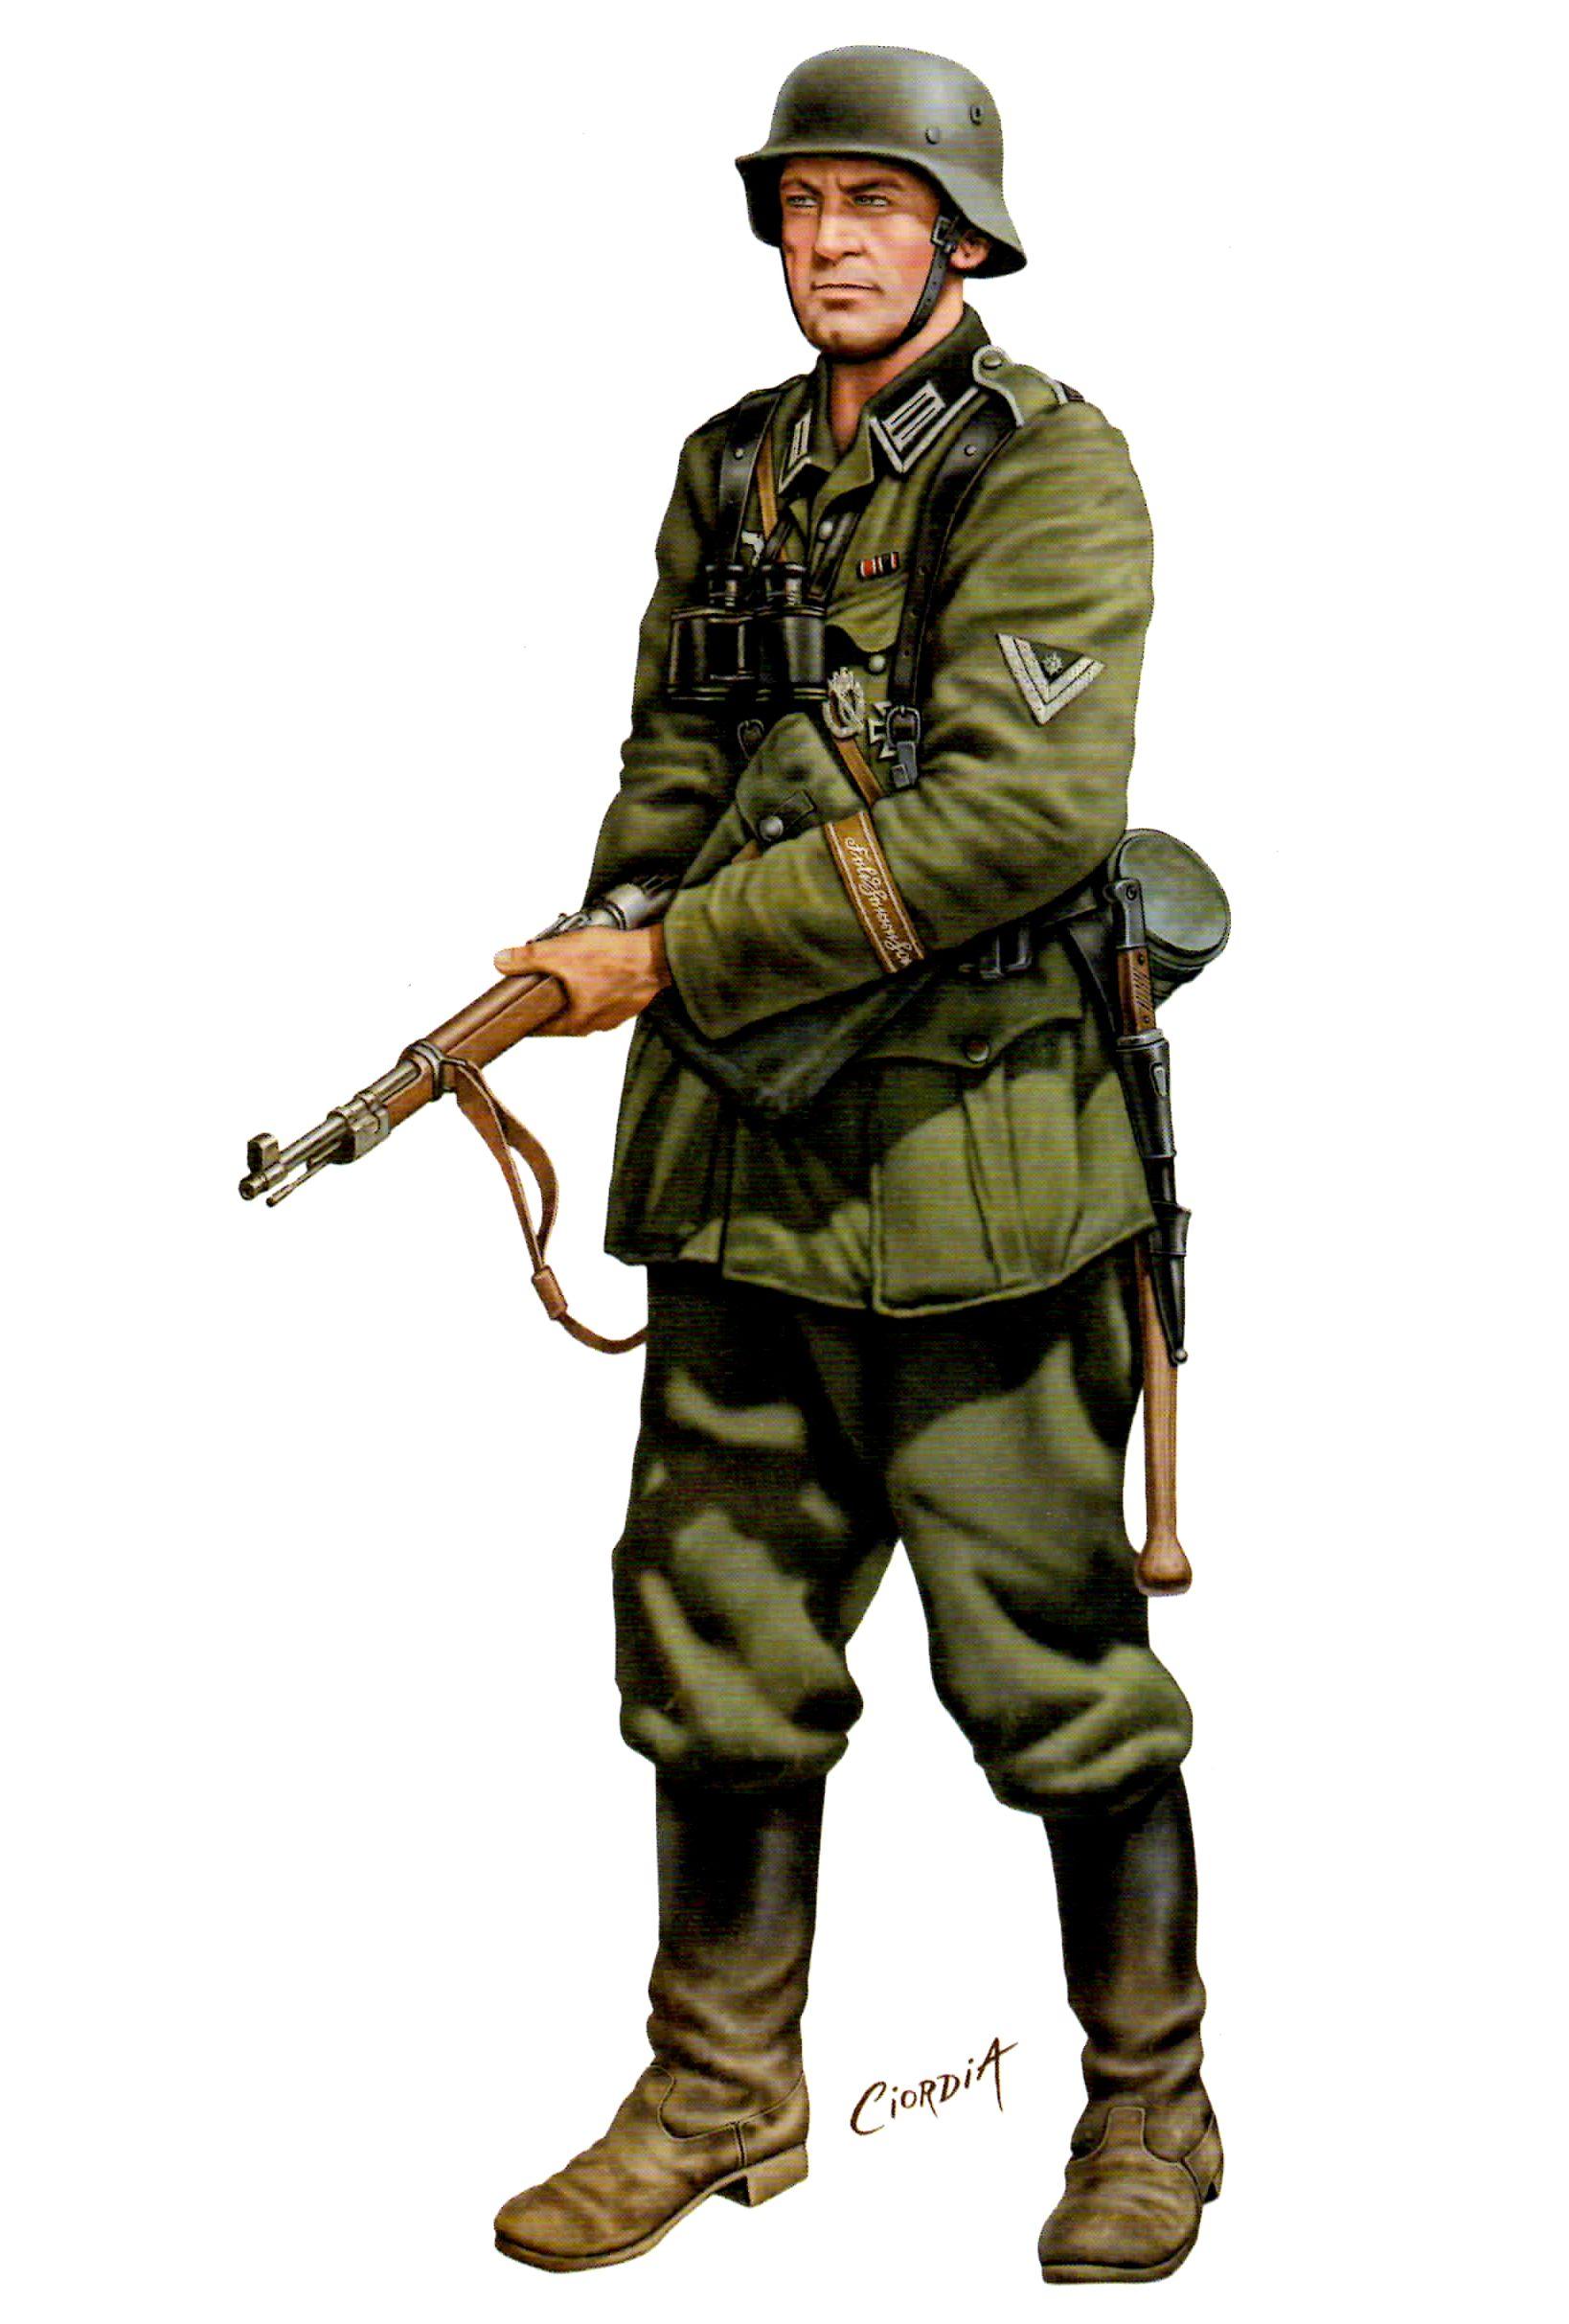 Ciordia Juan Carlos. Немецкие солдаты.